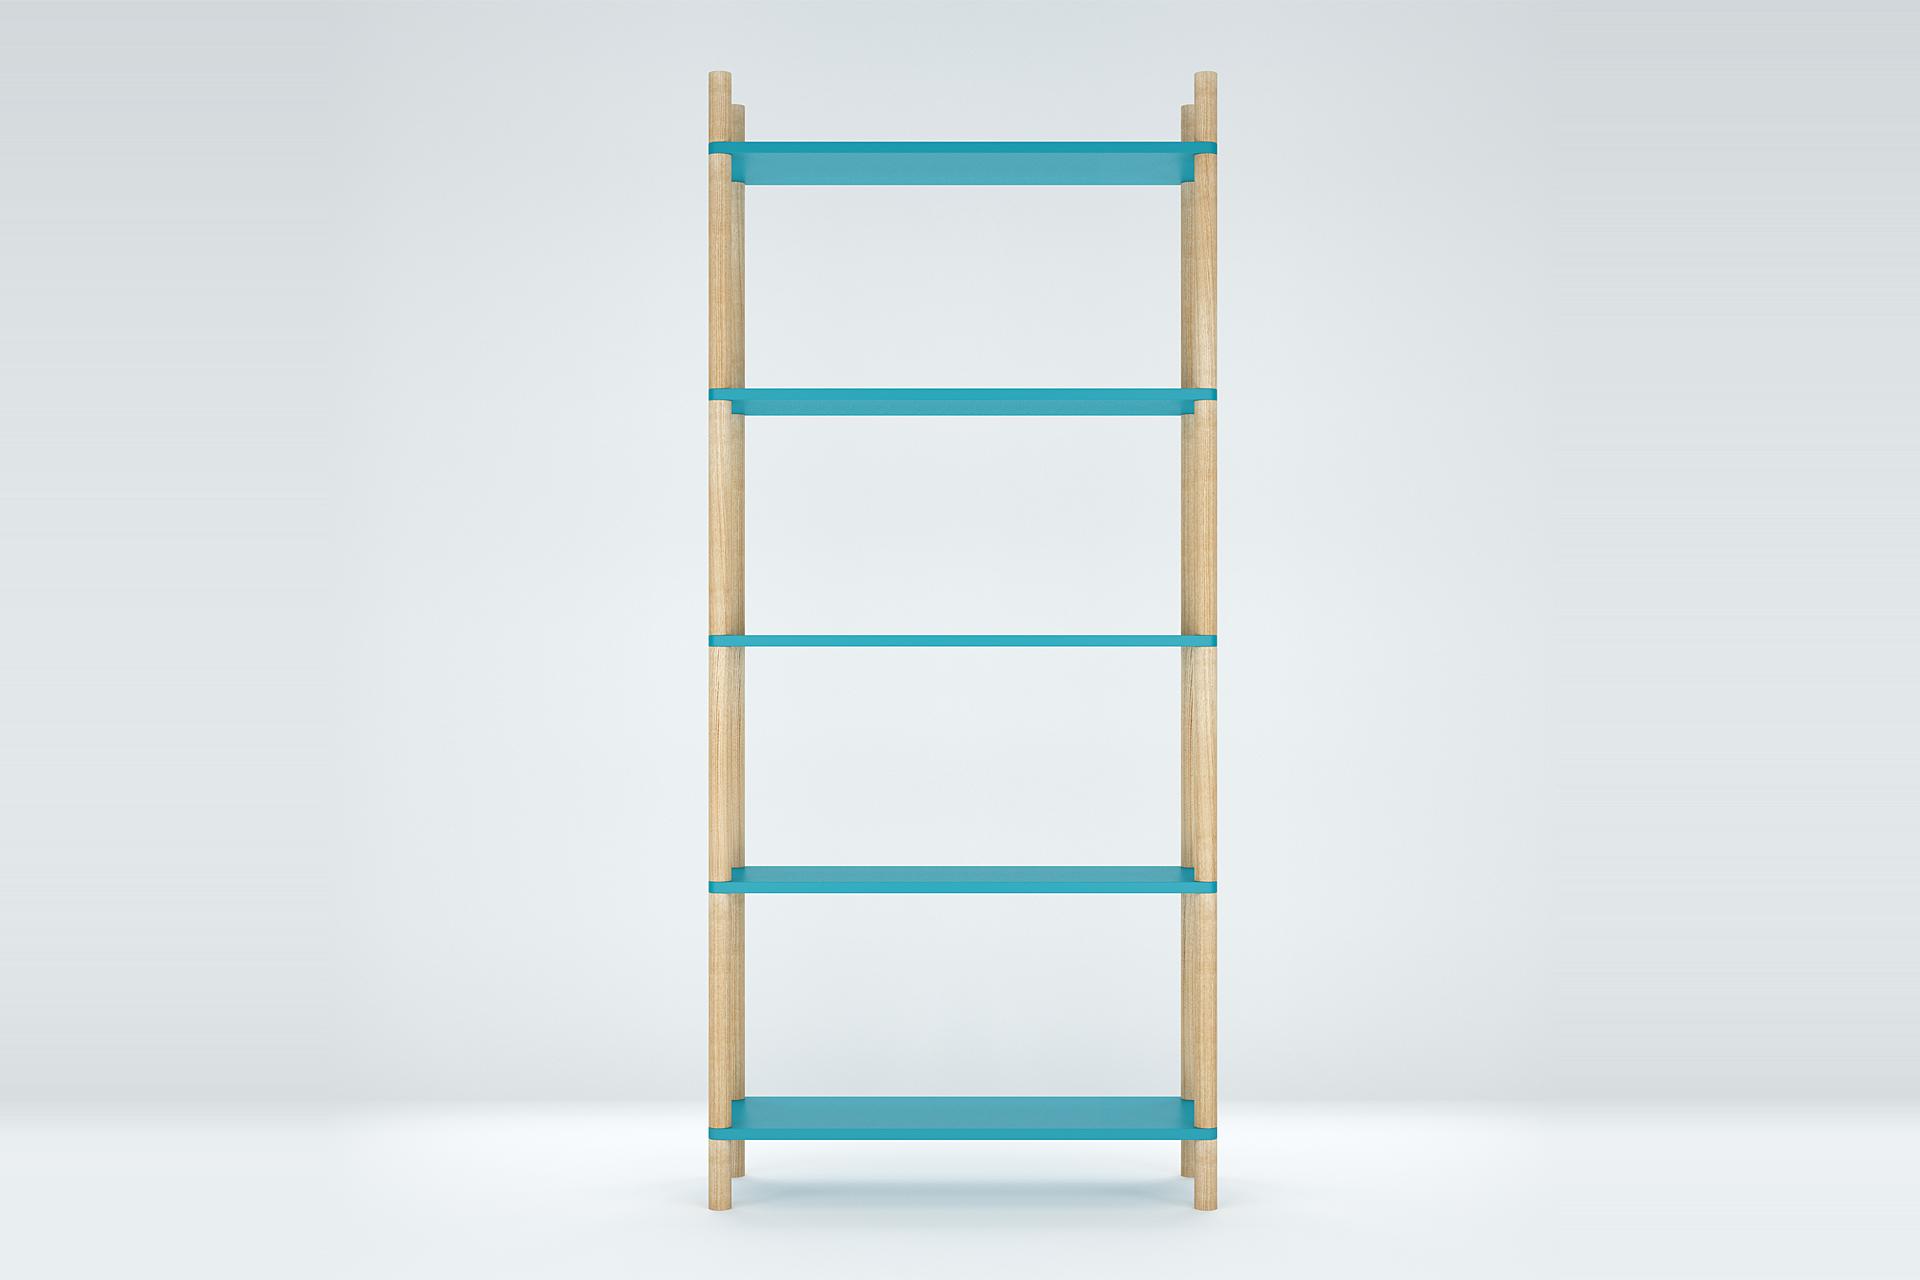 Стеллаж Latitude Saga BlueСтеллажи<br>Вдохновитесь лаконичным оформлением стеллажа &amp;quot;Latitude Saga Blue&amp;quot; для создания уникальной системы хранения. Такой, которая будет радовать своим нетривиальным обликом и повышать настроение. Яркий синий цвет и возможность сборки в различных конфигурациях помогут вам воплотить в жизнь свои идеи.&amp;amp;nbsp;&amp;amp;nbsp;&amp;lt;div&amp;gt;&amp;lt;span style=&amp;quot;line-height: 1.78571;&amp;quot;&amp;gt;.&amp;amp;nbsp;&amp;lt;/span&amp;gt;&amp;lt;br&amp;gt;&amp;lt;/div&amp;gt;&amp;lt;div&amp;gt;Материал: полки - крашеный шпонированный МДФ; ножки - натуральный ясень, матовый лак.&amp;amp;nbsp;&amp;amp;nbsp;&amp;lt;/div&amp;gt;&amp;lt;div&amp;gt;Возможно изготовление по индивидуальным размерам (стоимость уточняется).&amp;lt;/div&amp;gt;<br><br>Material: МДФ<br>Width см: 100<br>Depth см: 35<br>Height см: 223